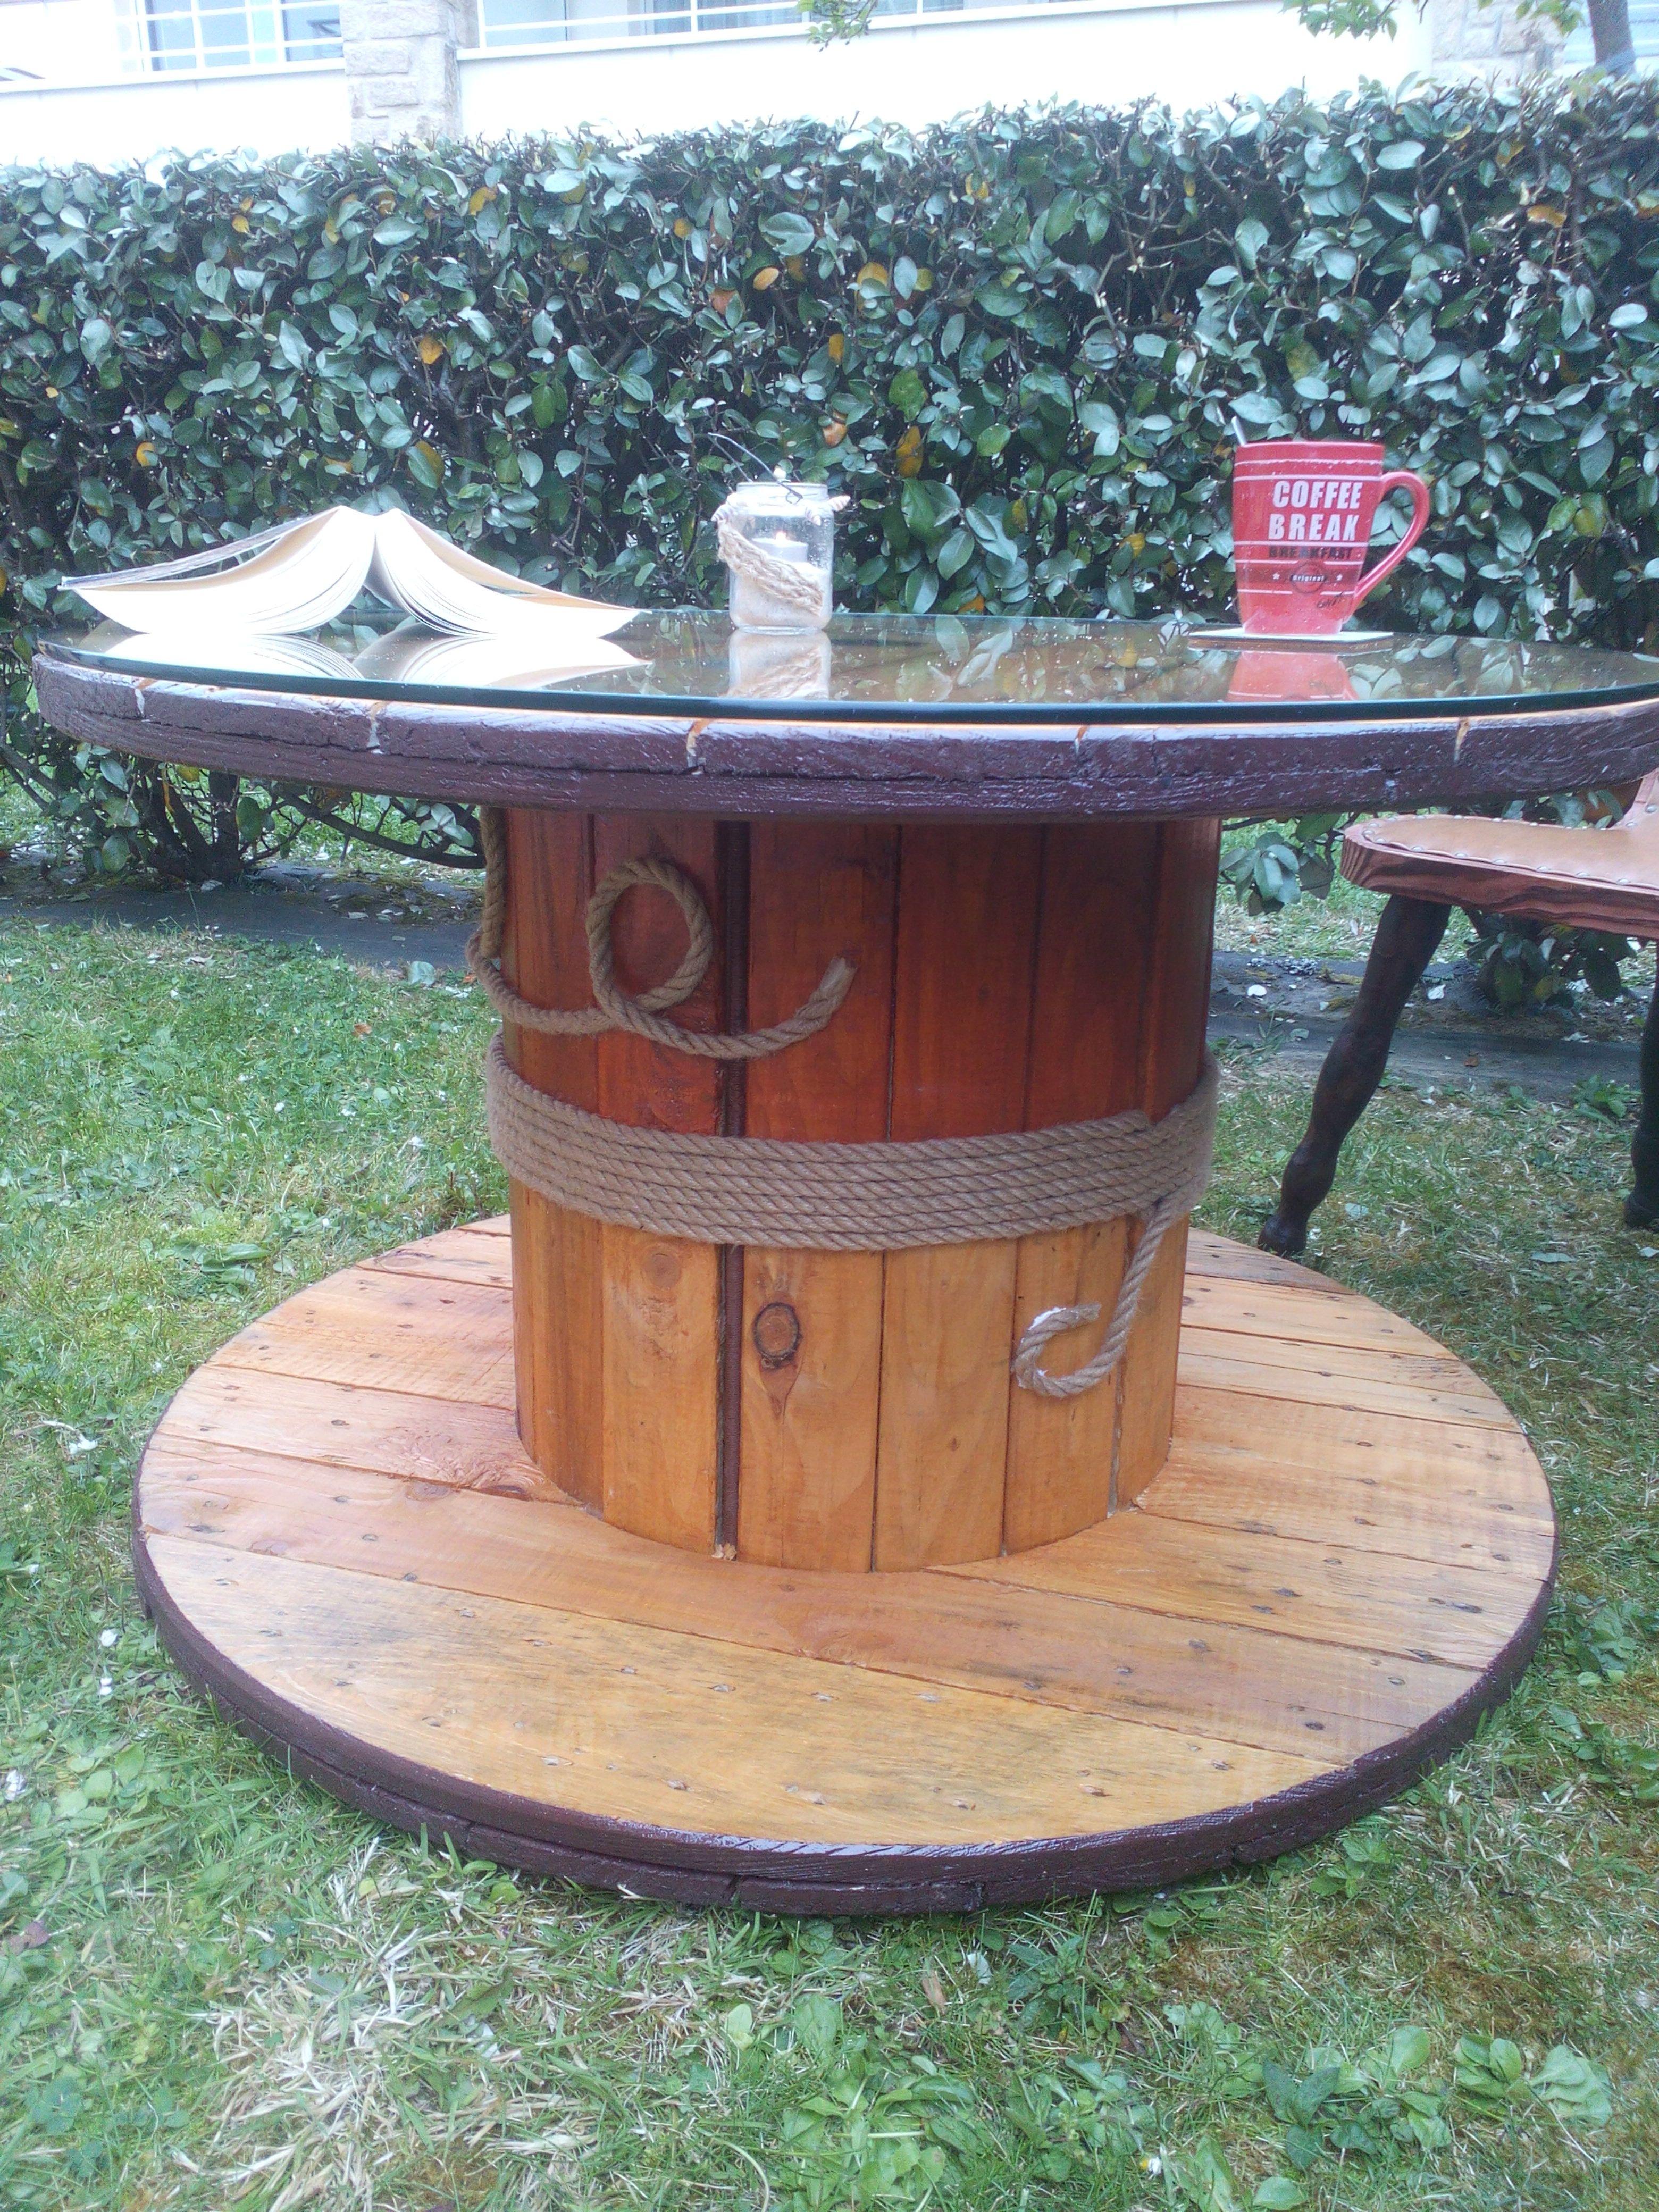 touret 2 r nov table basse r versible bobine diy d co pinterest touret bobine et diy. Black Bedroom Furniture Sets. Home Design Ideas